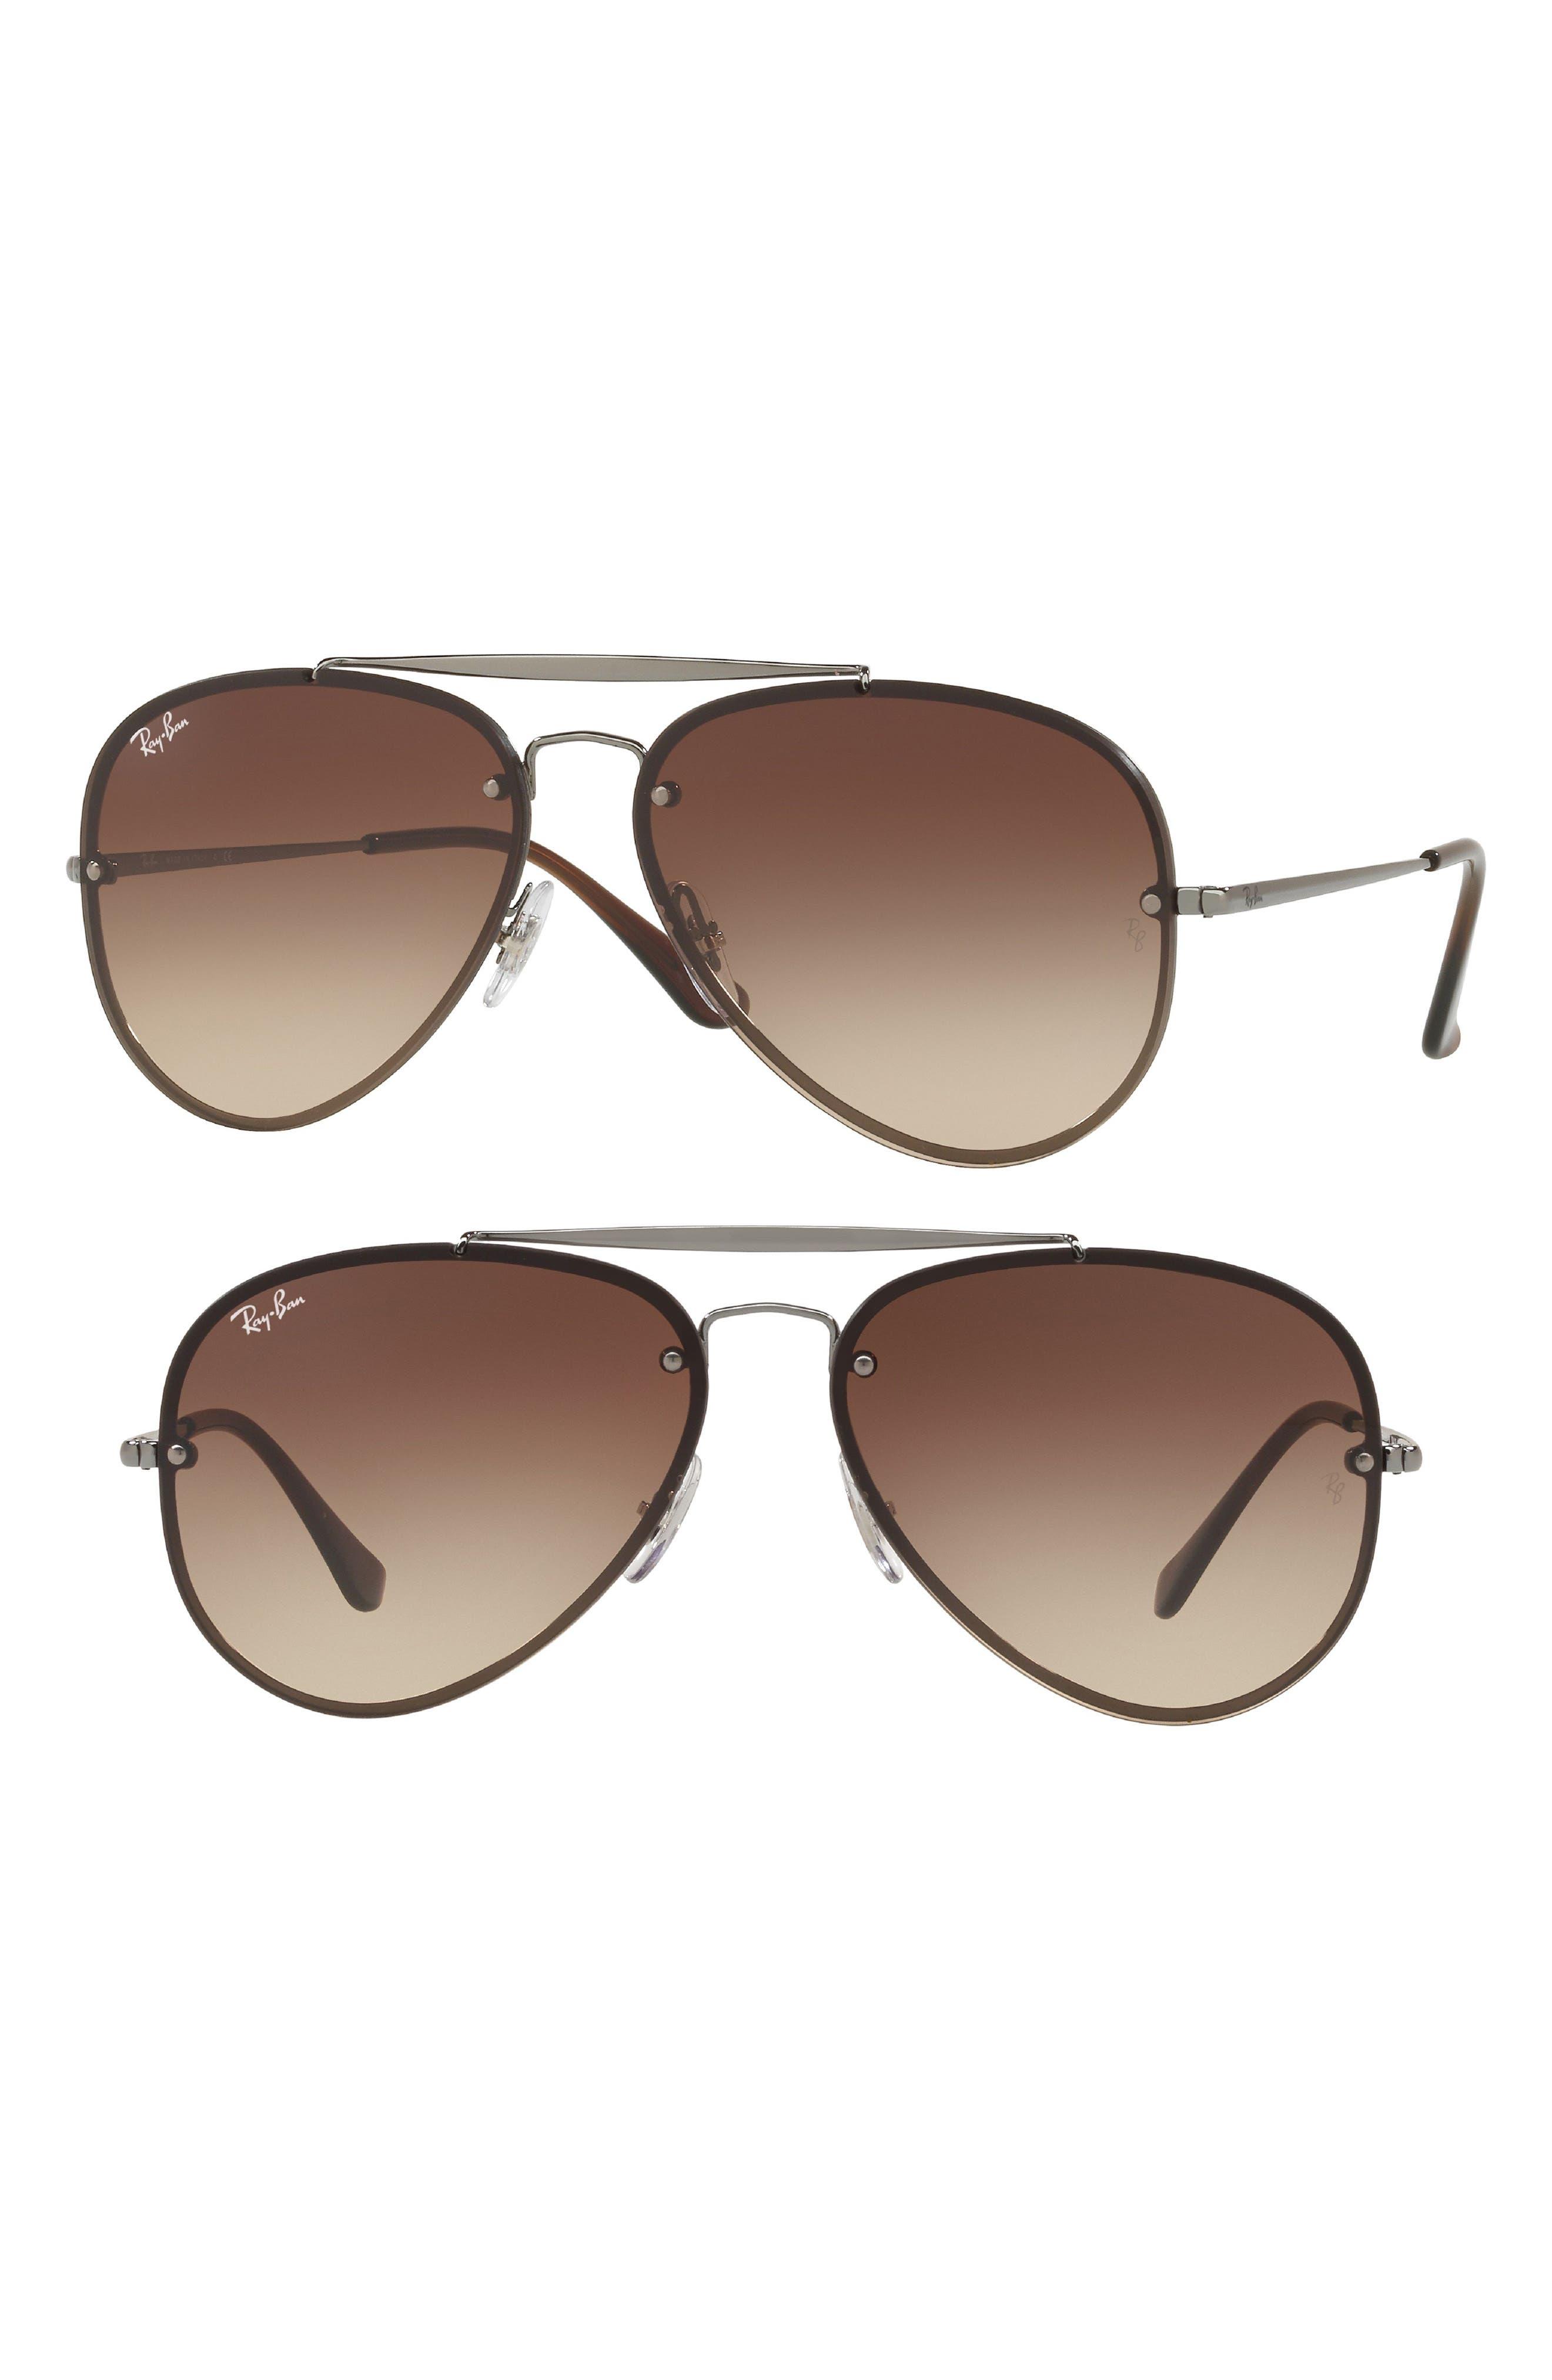 58mm Aviator Sunglasses,                             Main thumbnail 1, color,                             Gunmetal/ Brown